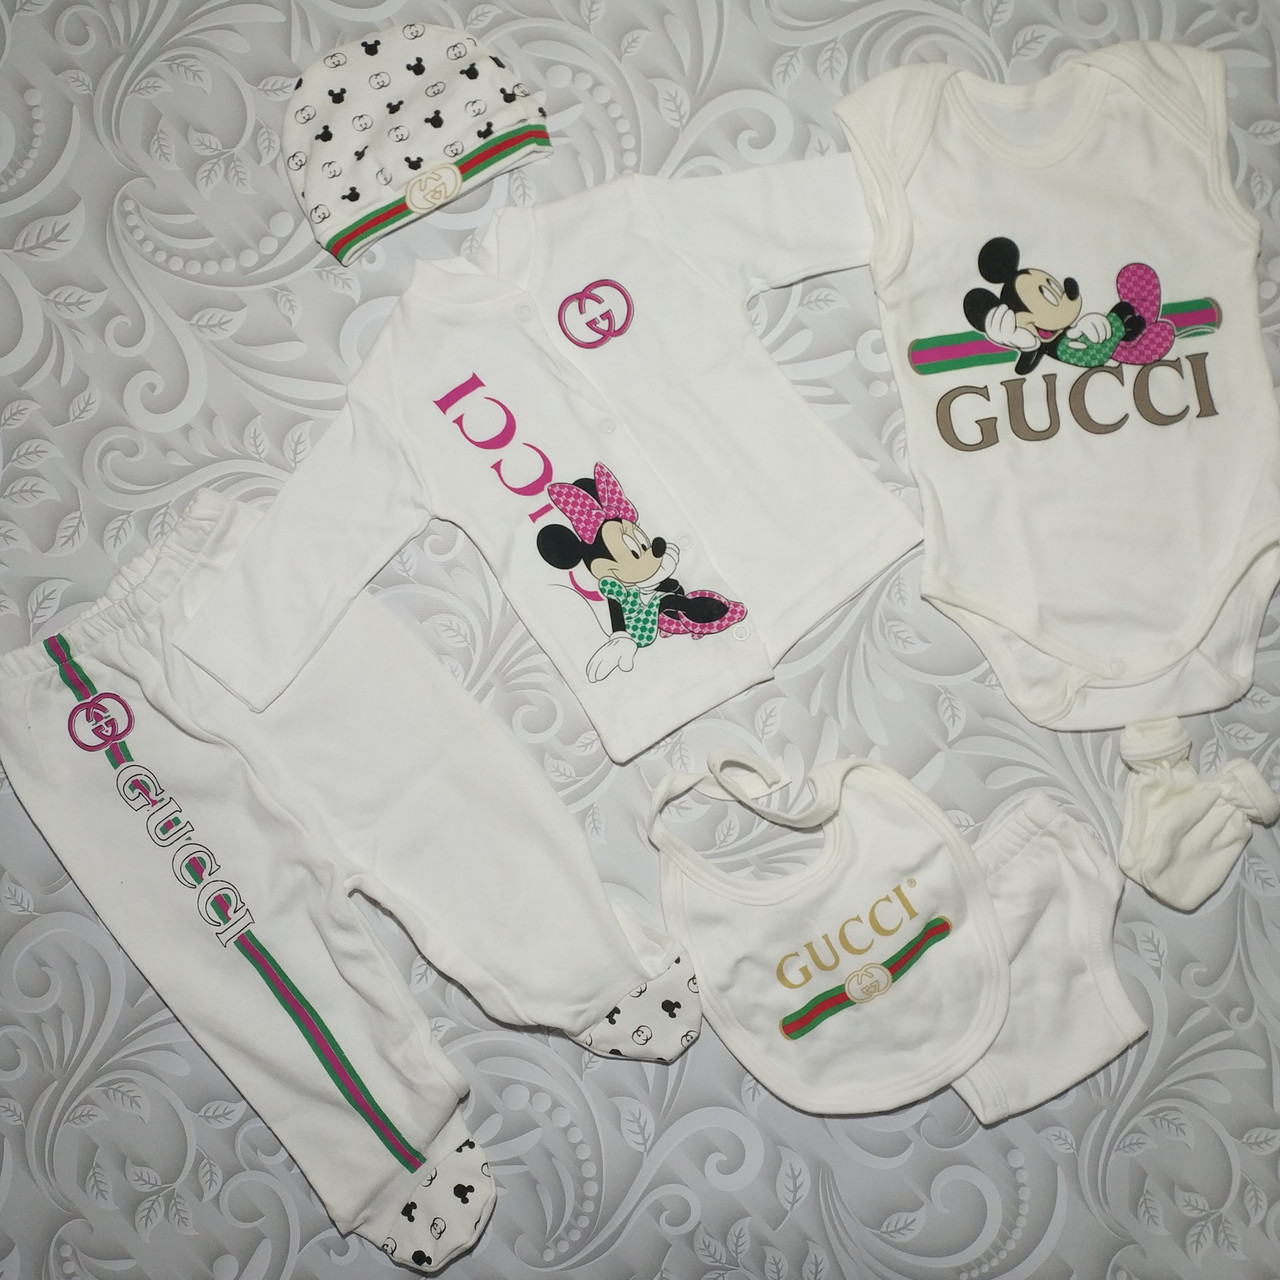 Подарочный набор для новорожденного Gucci ,7 предметов.